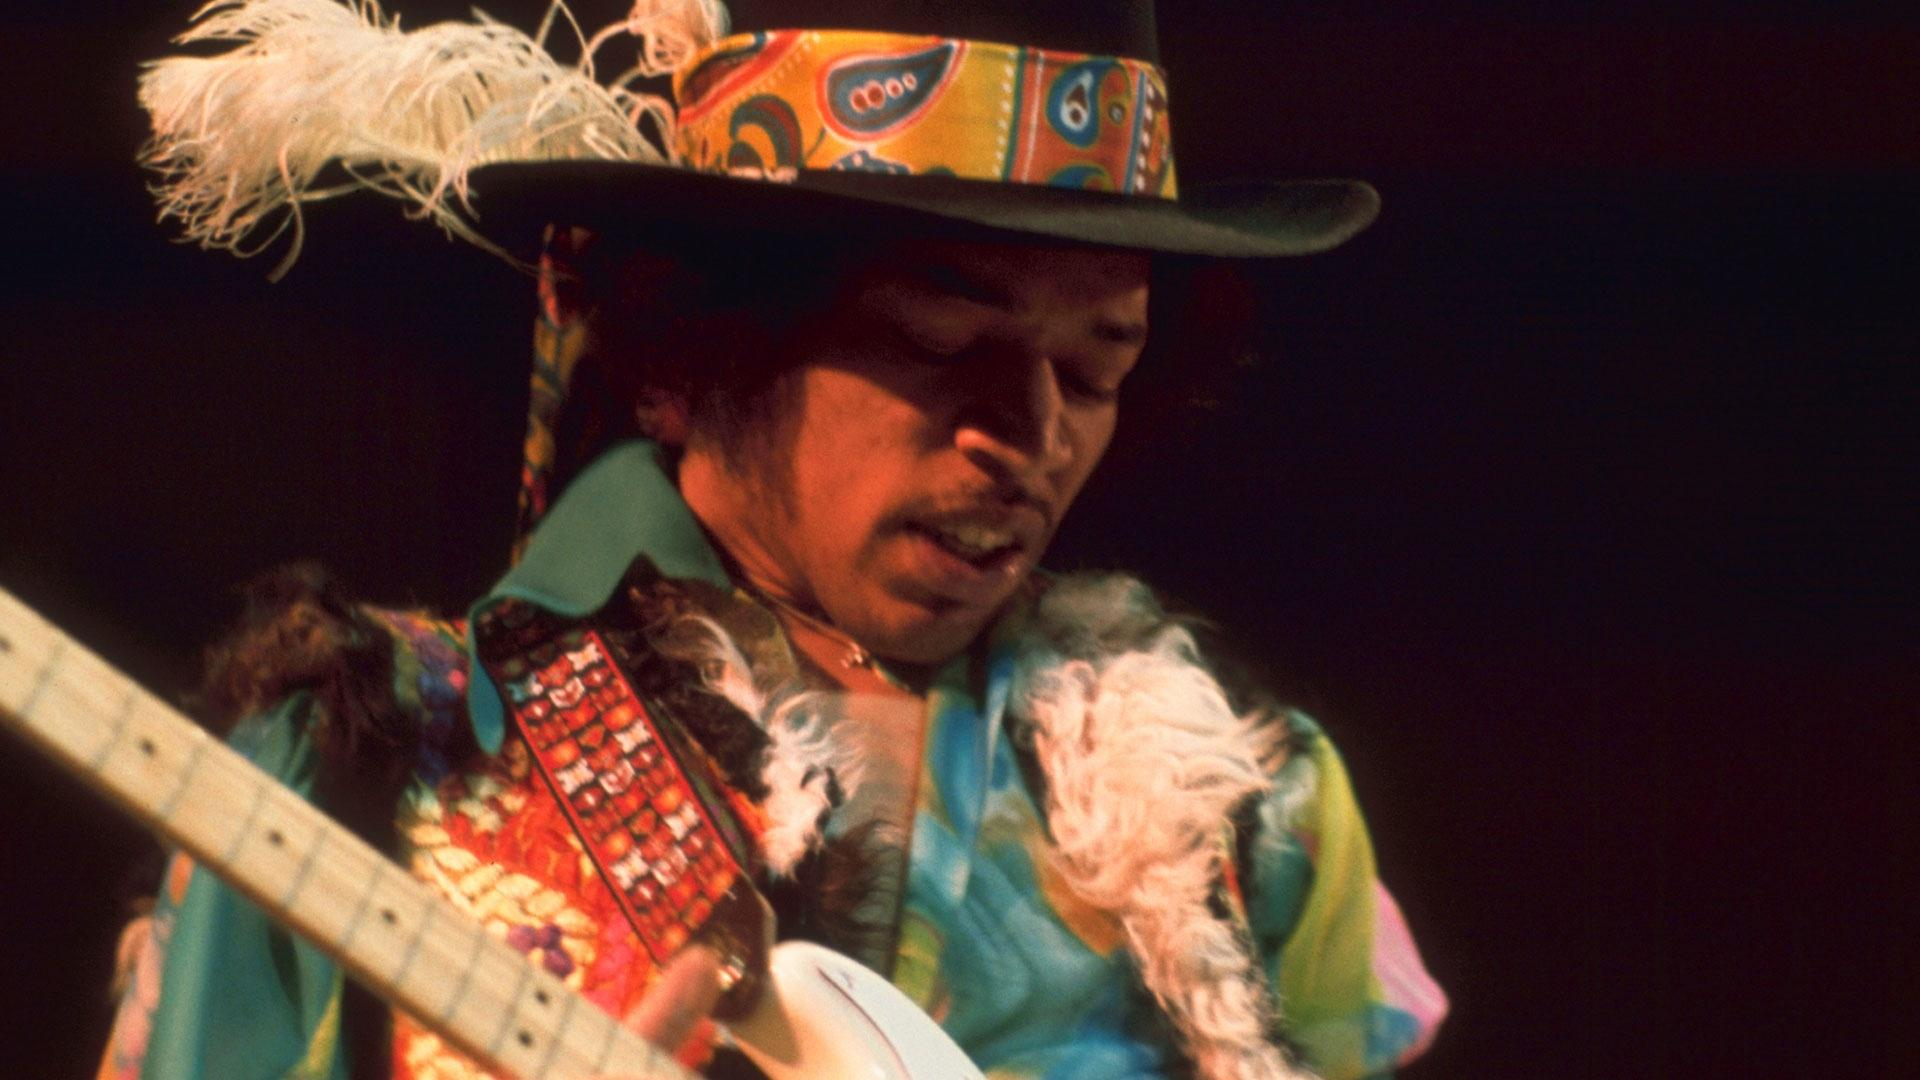 Jimi Hendrix: Hear My Train A Comin' - Director's Cut